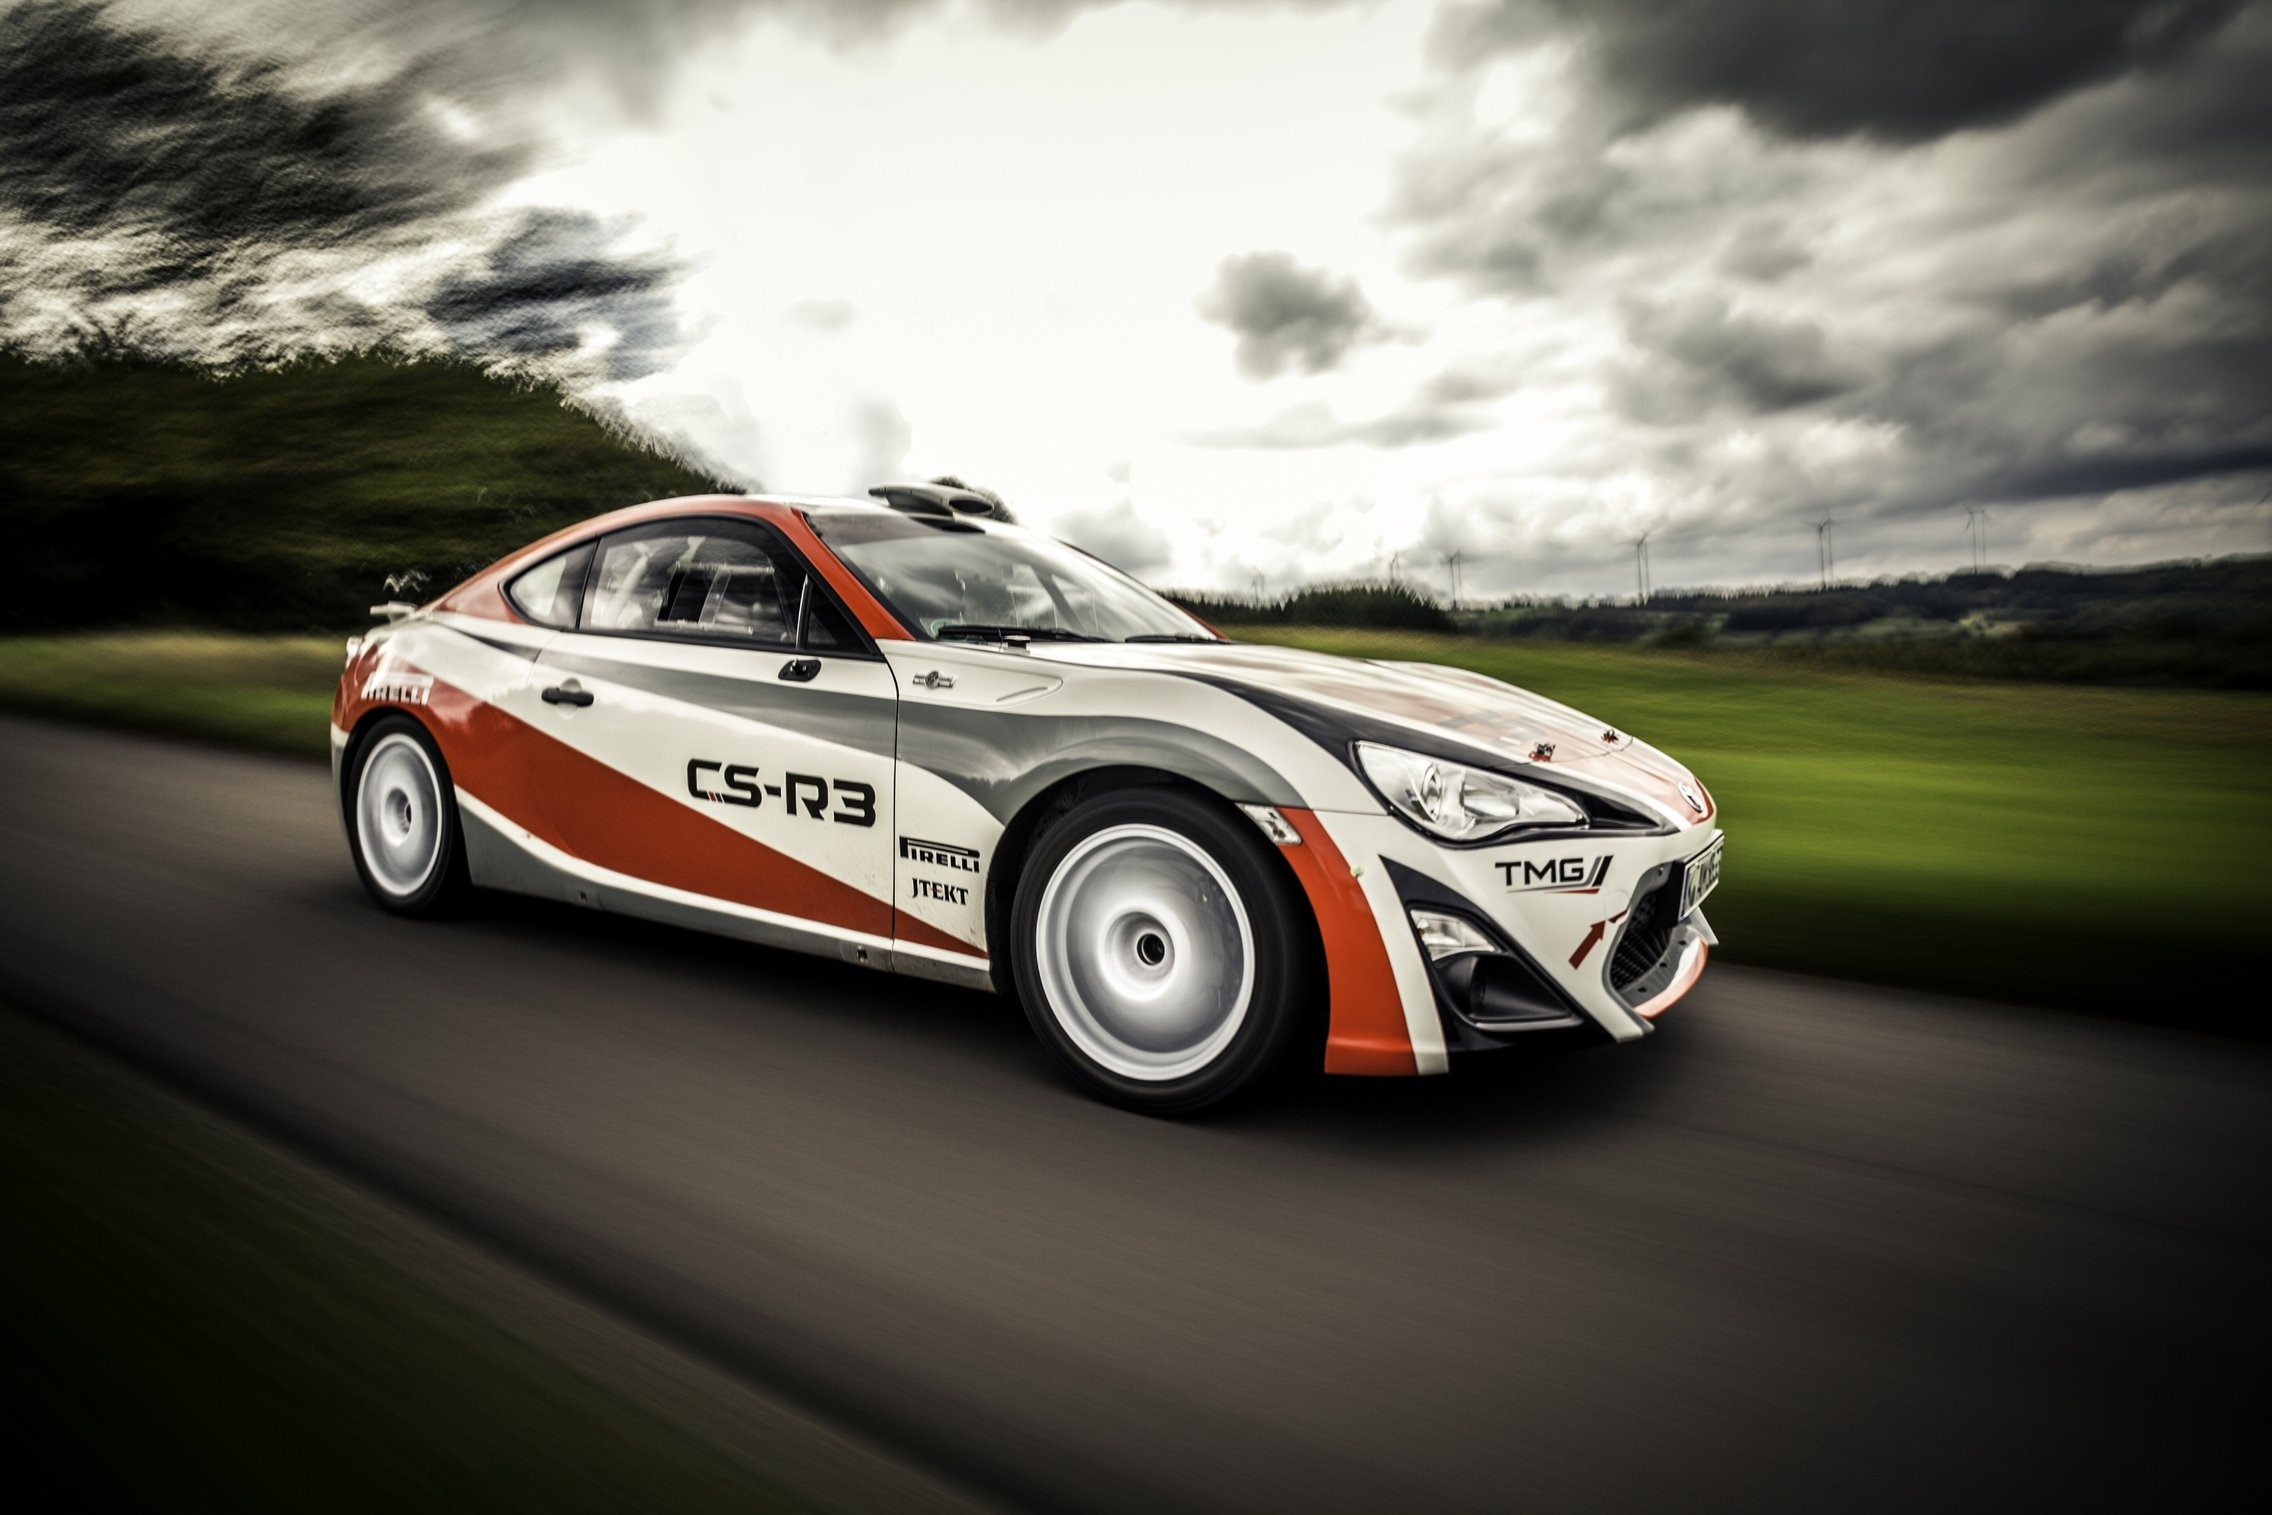 """Polle Geusens enthousiast over de Toyota GT86 CS-R3 """"De motor is indrukwekkend"""""""